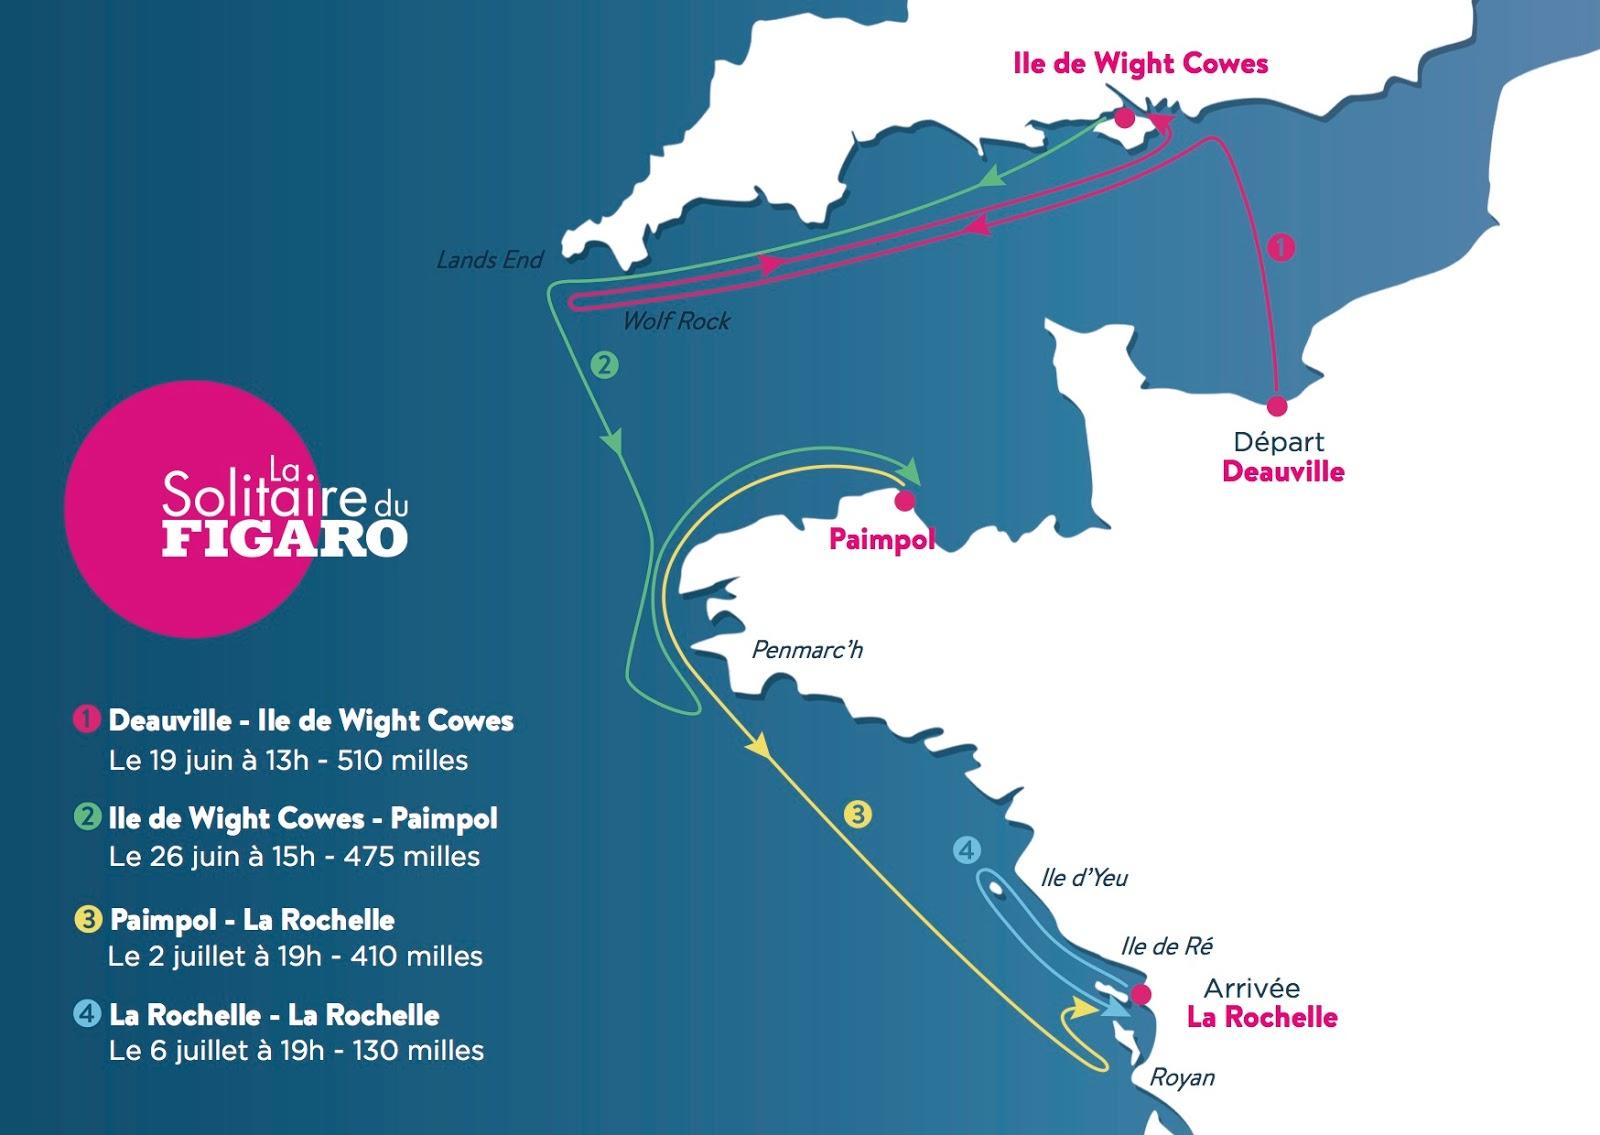 Figaro / Deauville au départ, arrivée à La Rochelle, La Solitaire du Figaro  2016 au plus près des côtes | ScanVoile